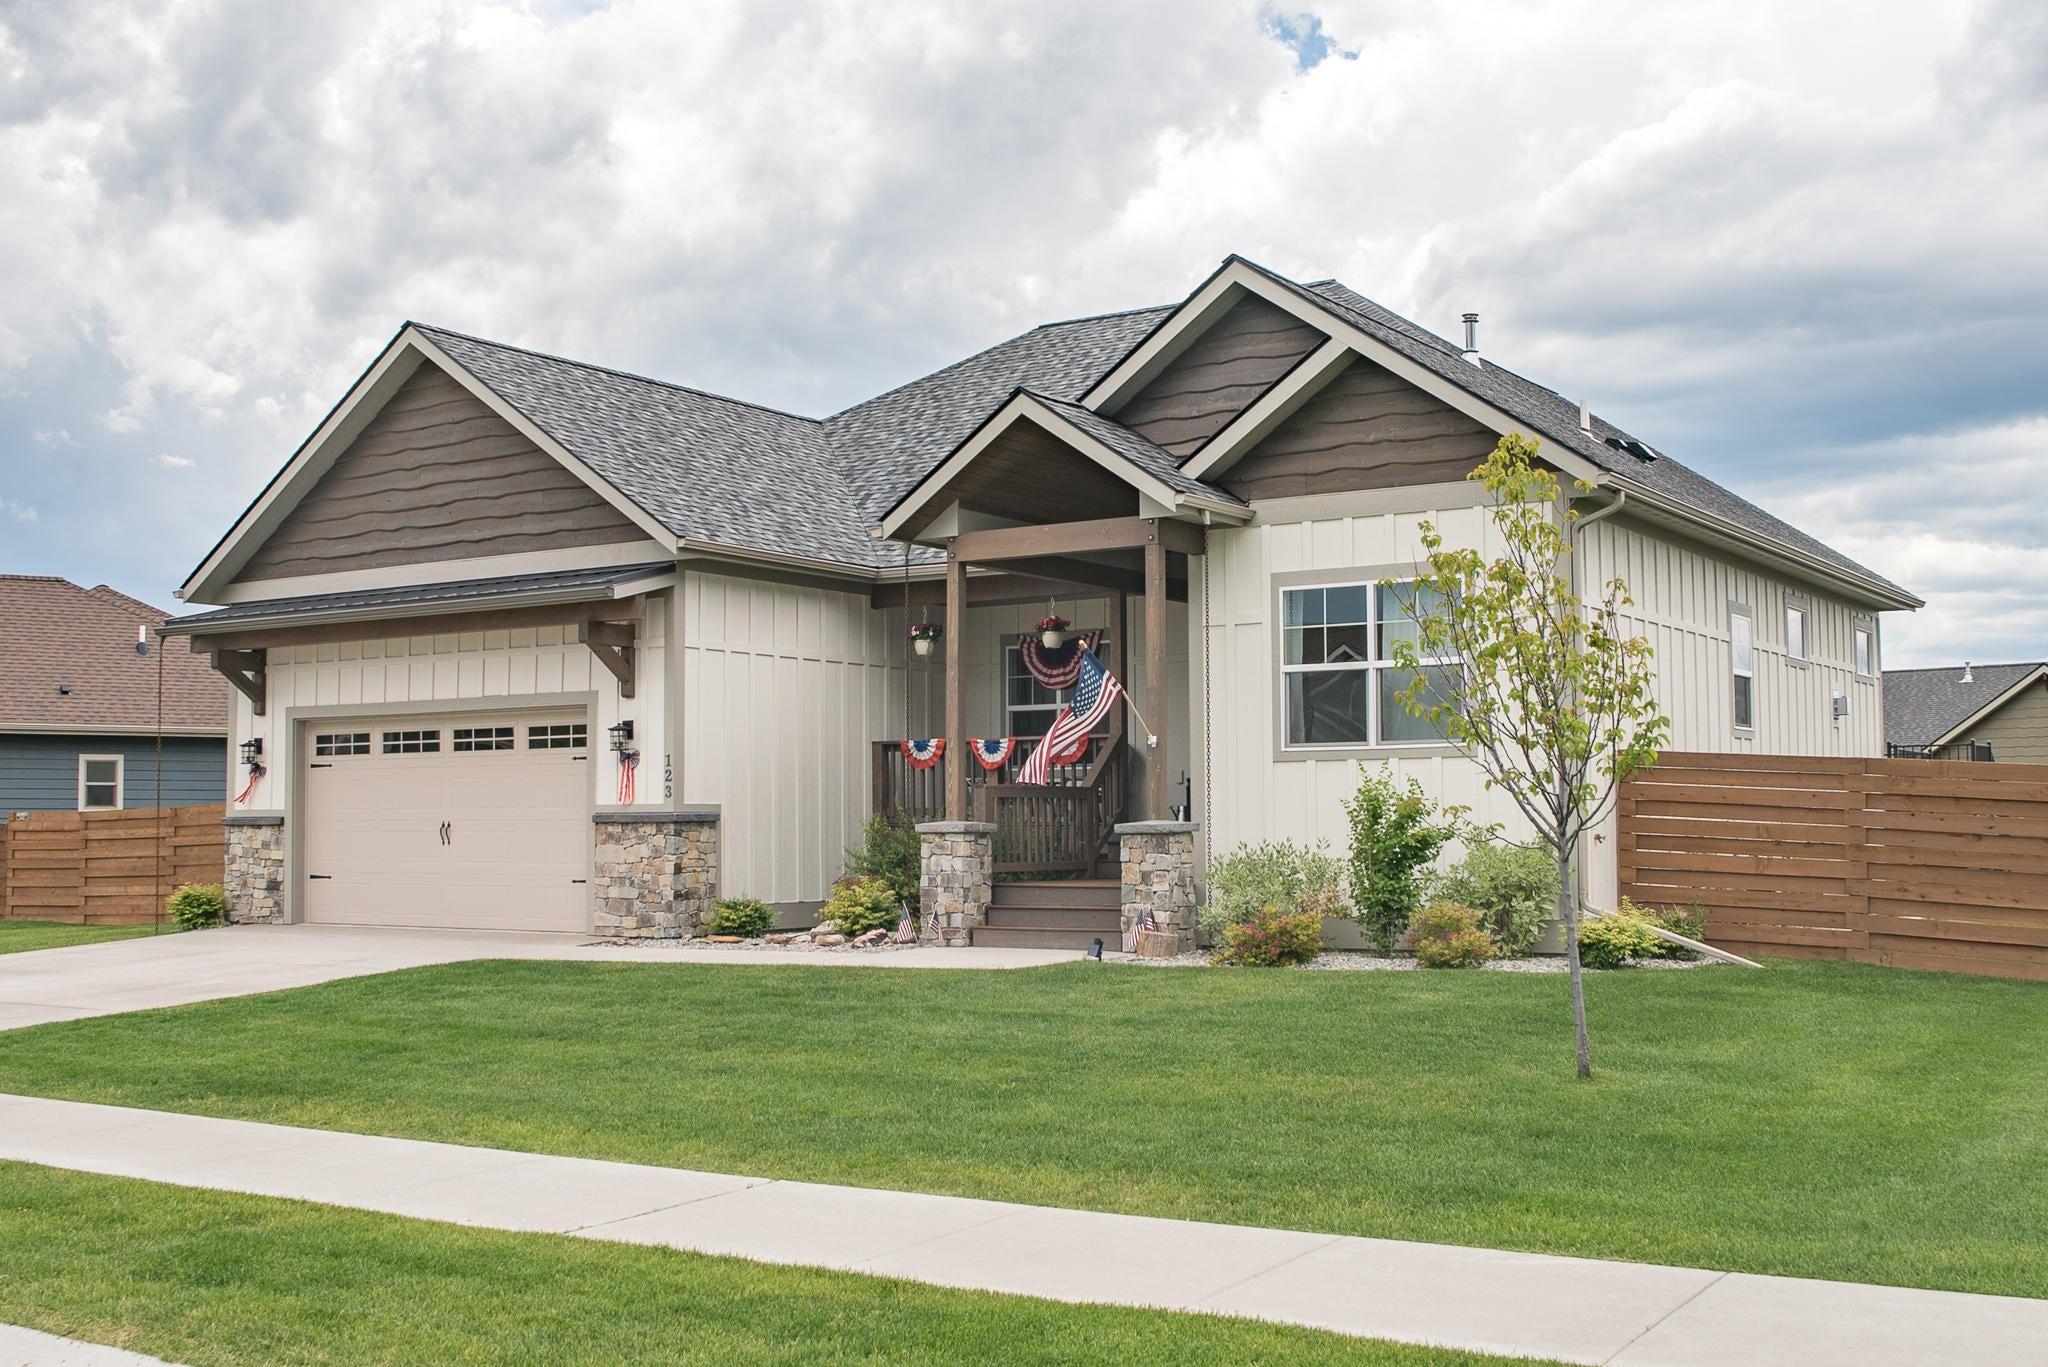 123 E Swift Creek Way, Kalispell, MT 59901